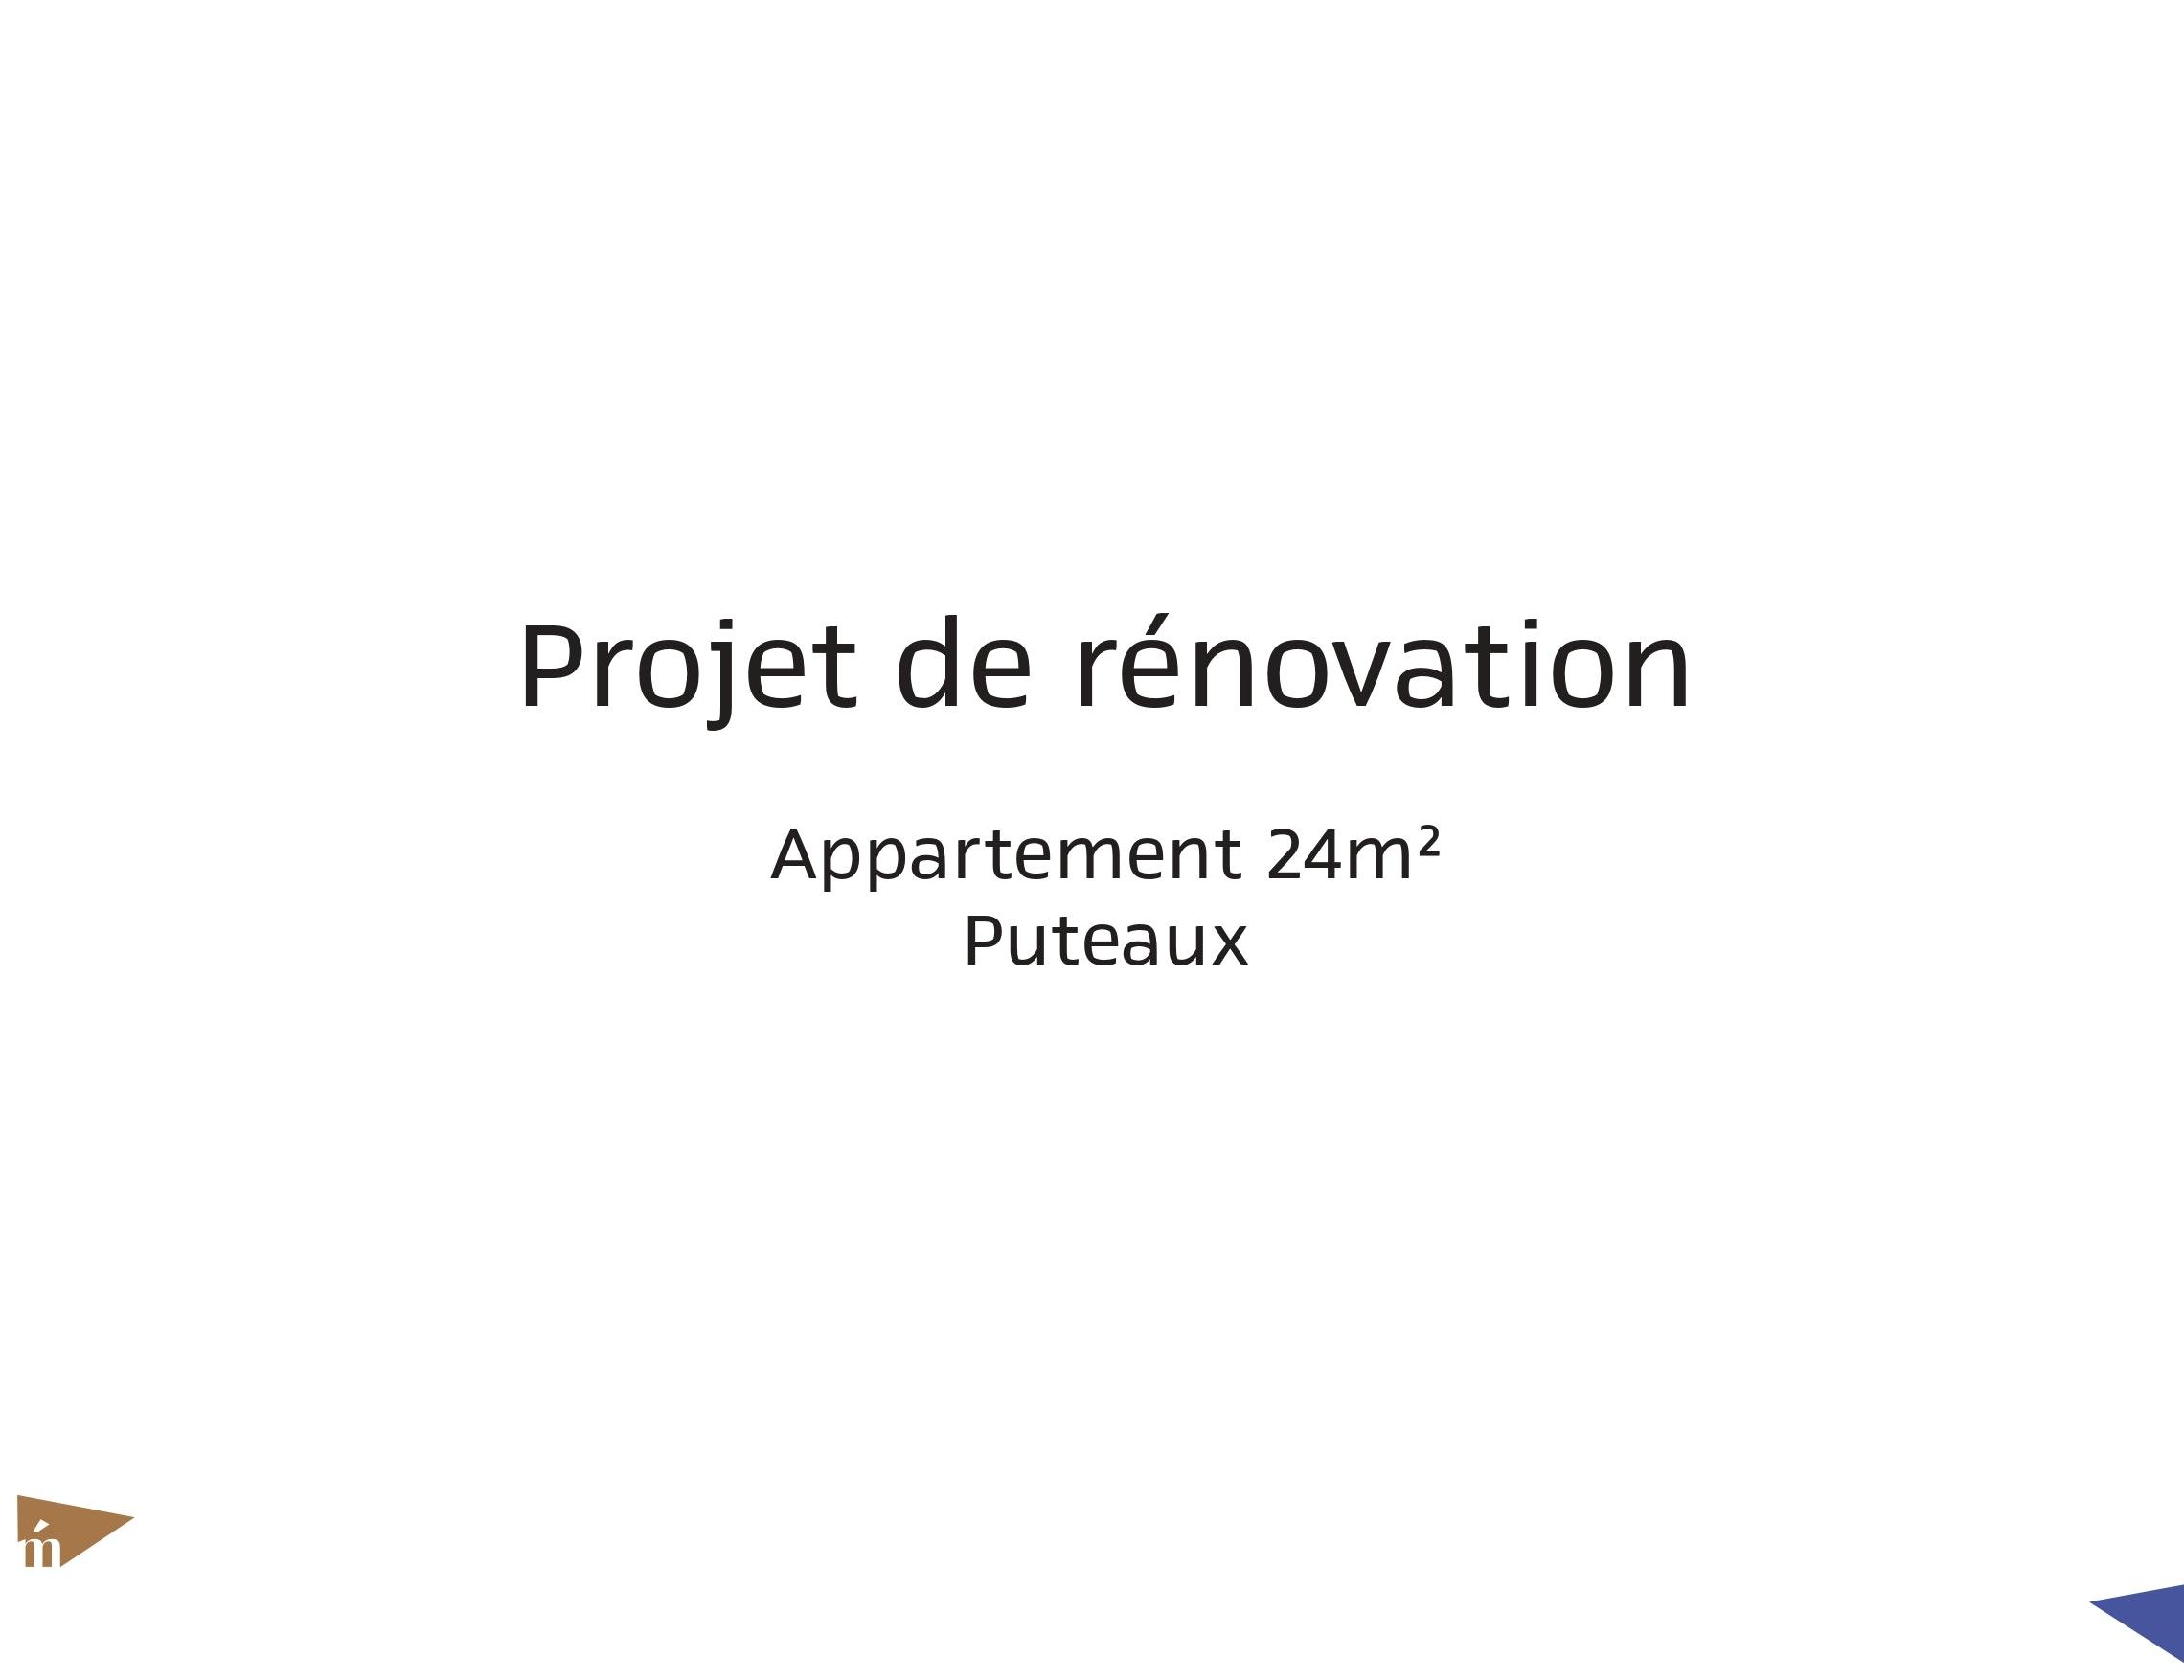 photo Projet rue Voltaire - 24 m² - Puteaux Léa Mast - Architecte hemea